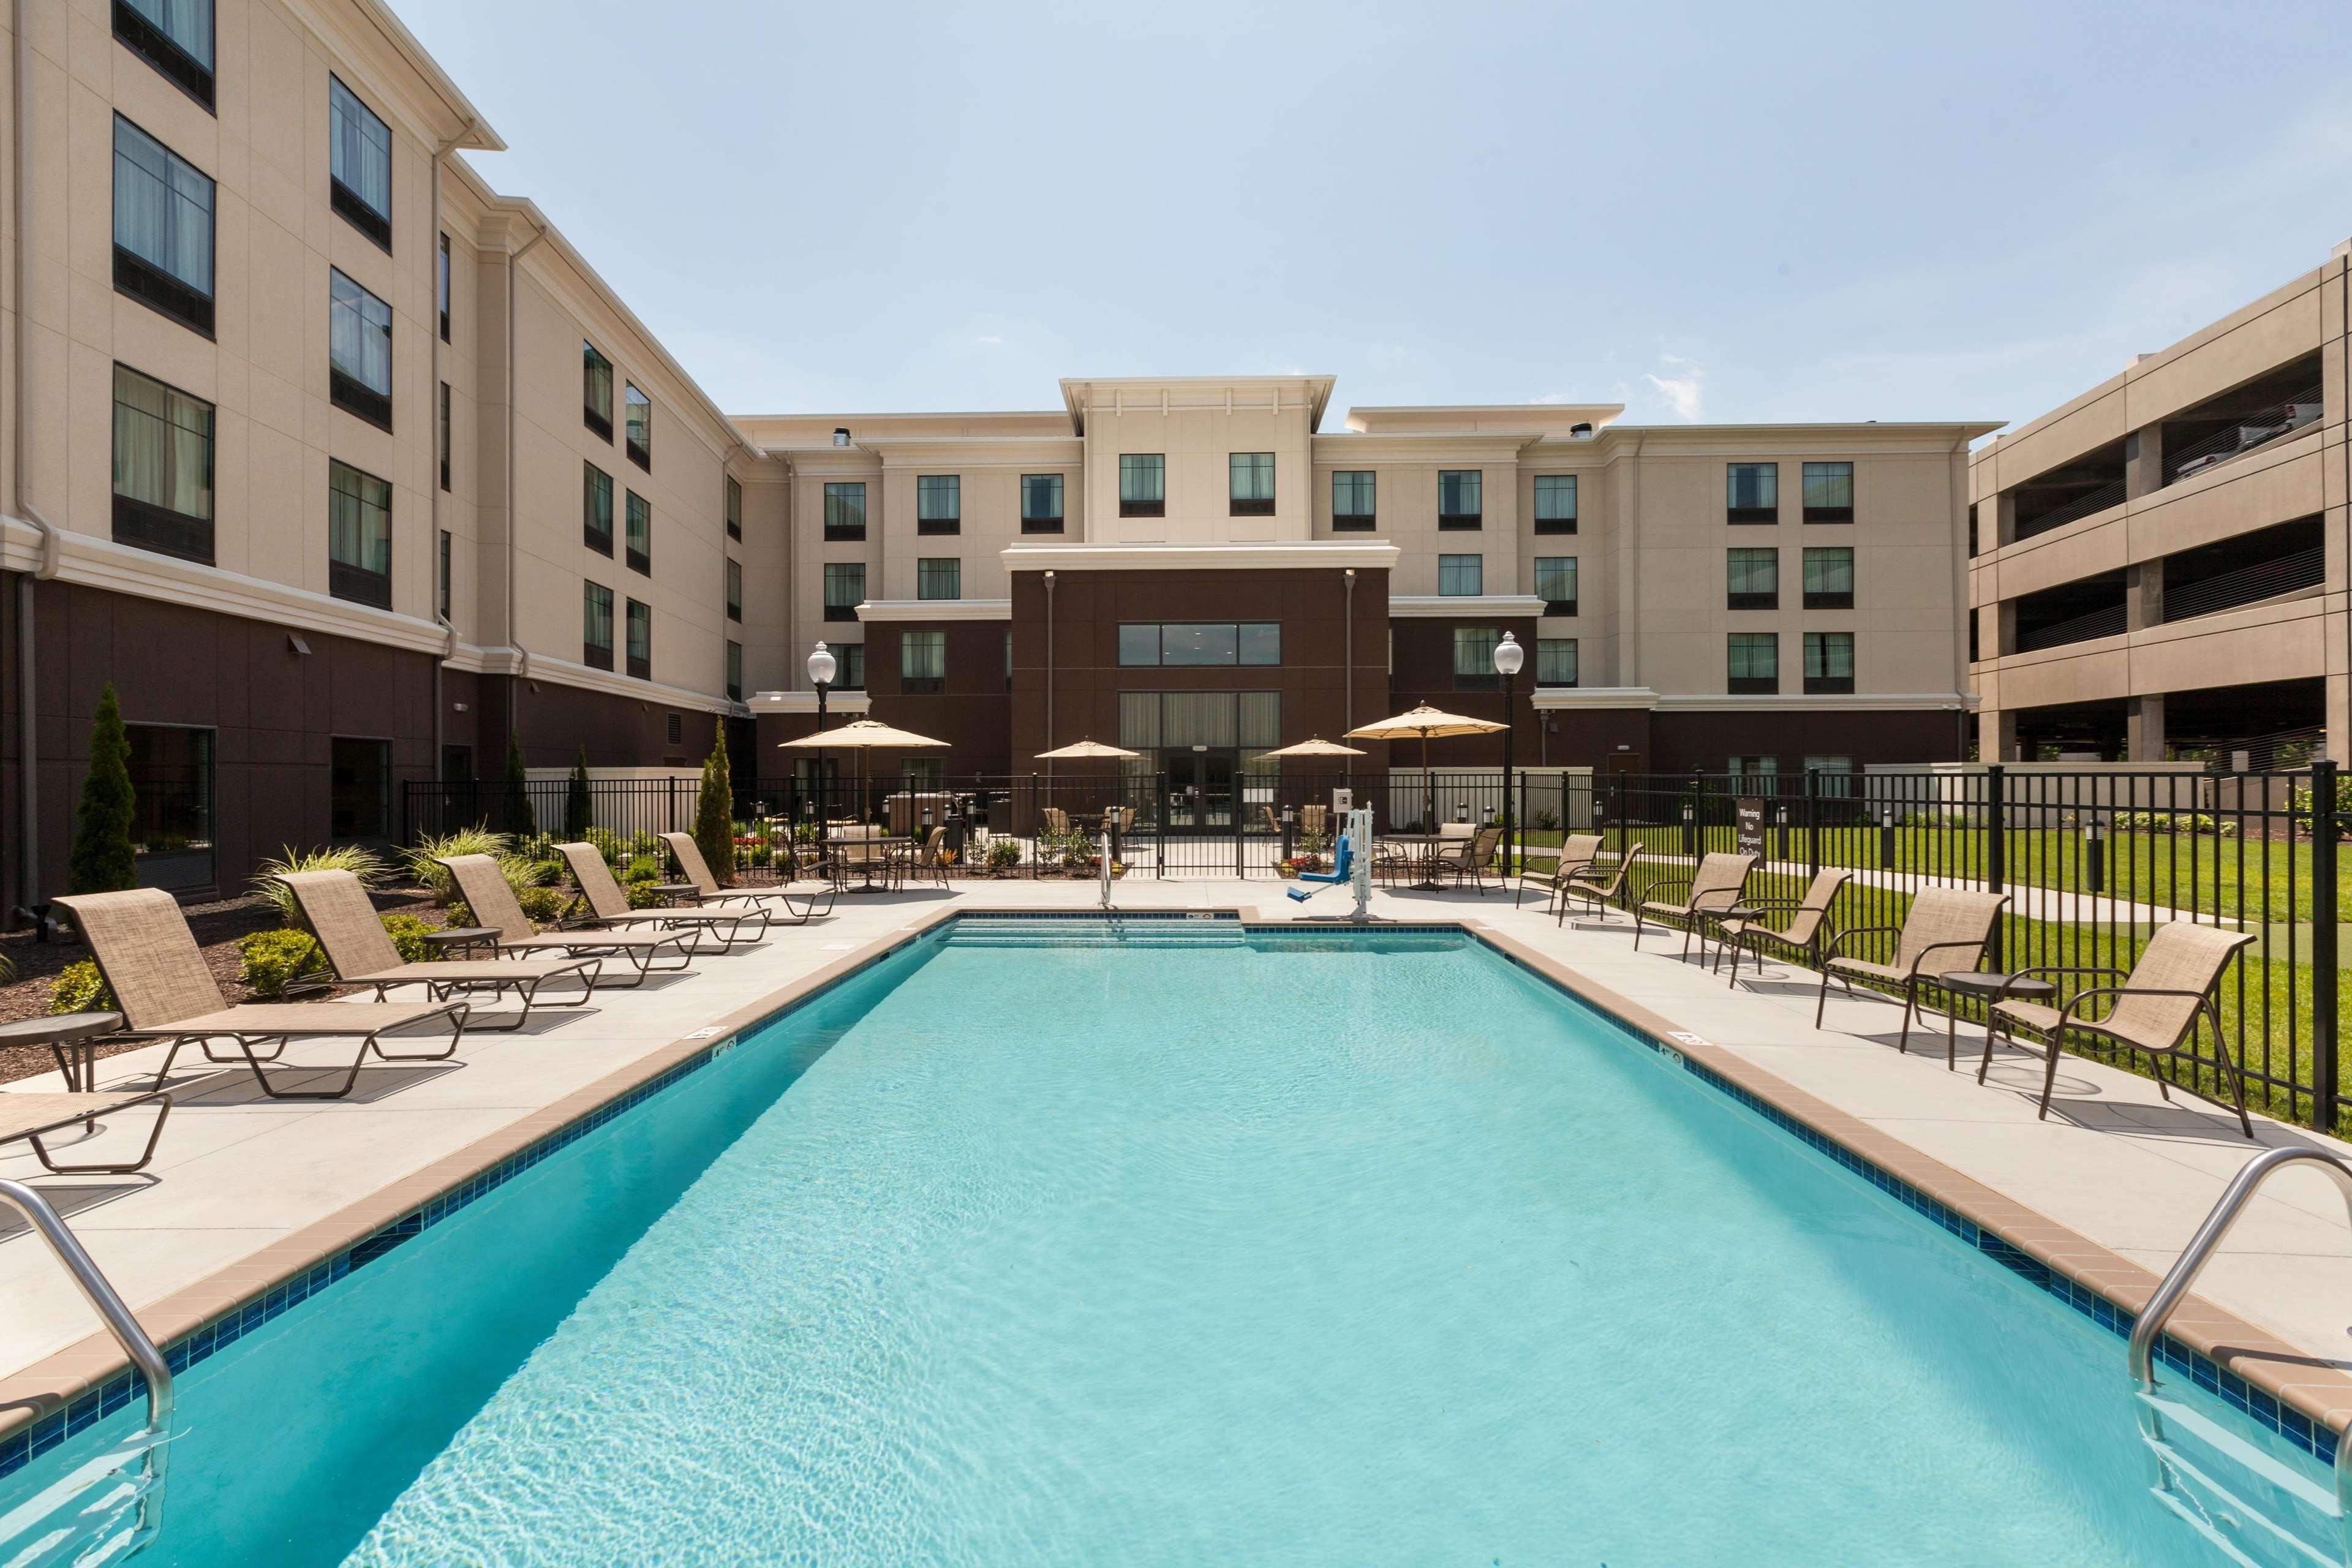 Homewood Suites by Hilton Huntsville-Downtown, AL image 12